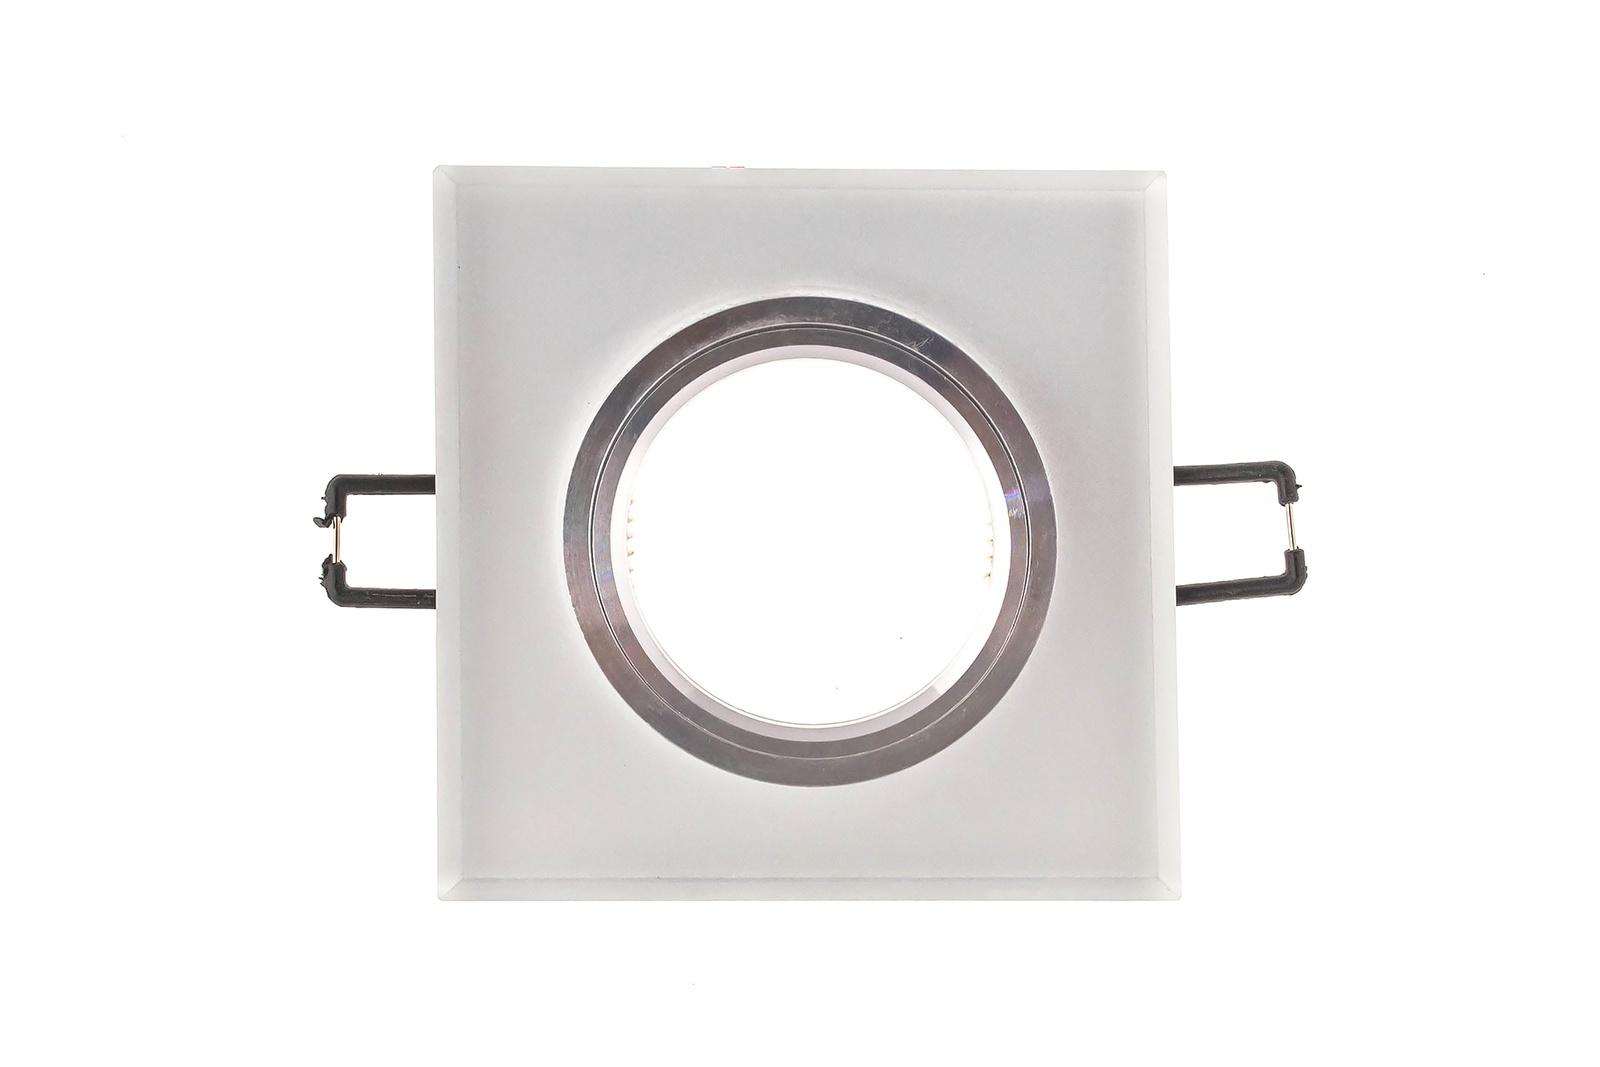 Встраиваемый светильник Ambrella light S215W/CH/WH встраиваемый светильник ambrella led s299 s299 ch